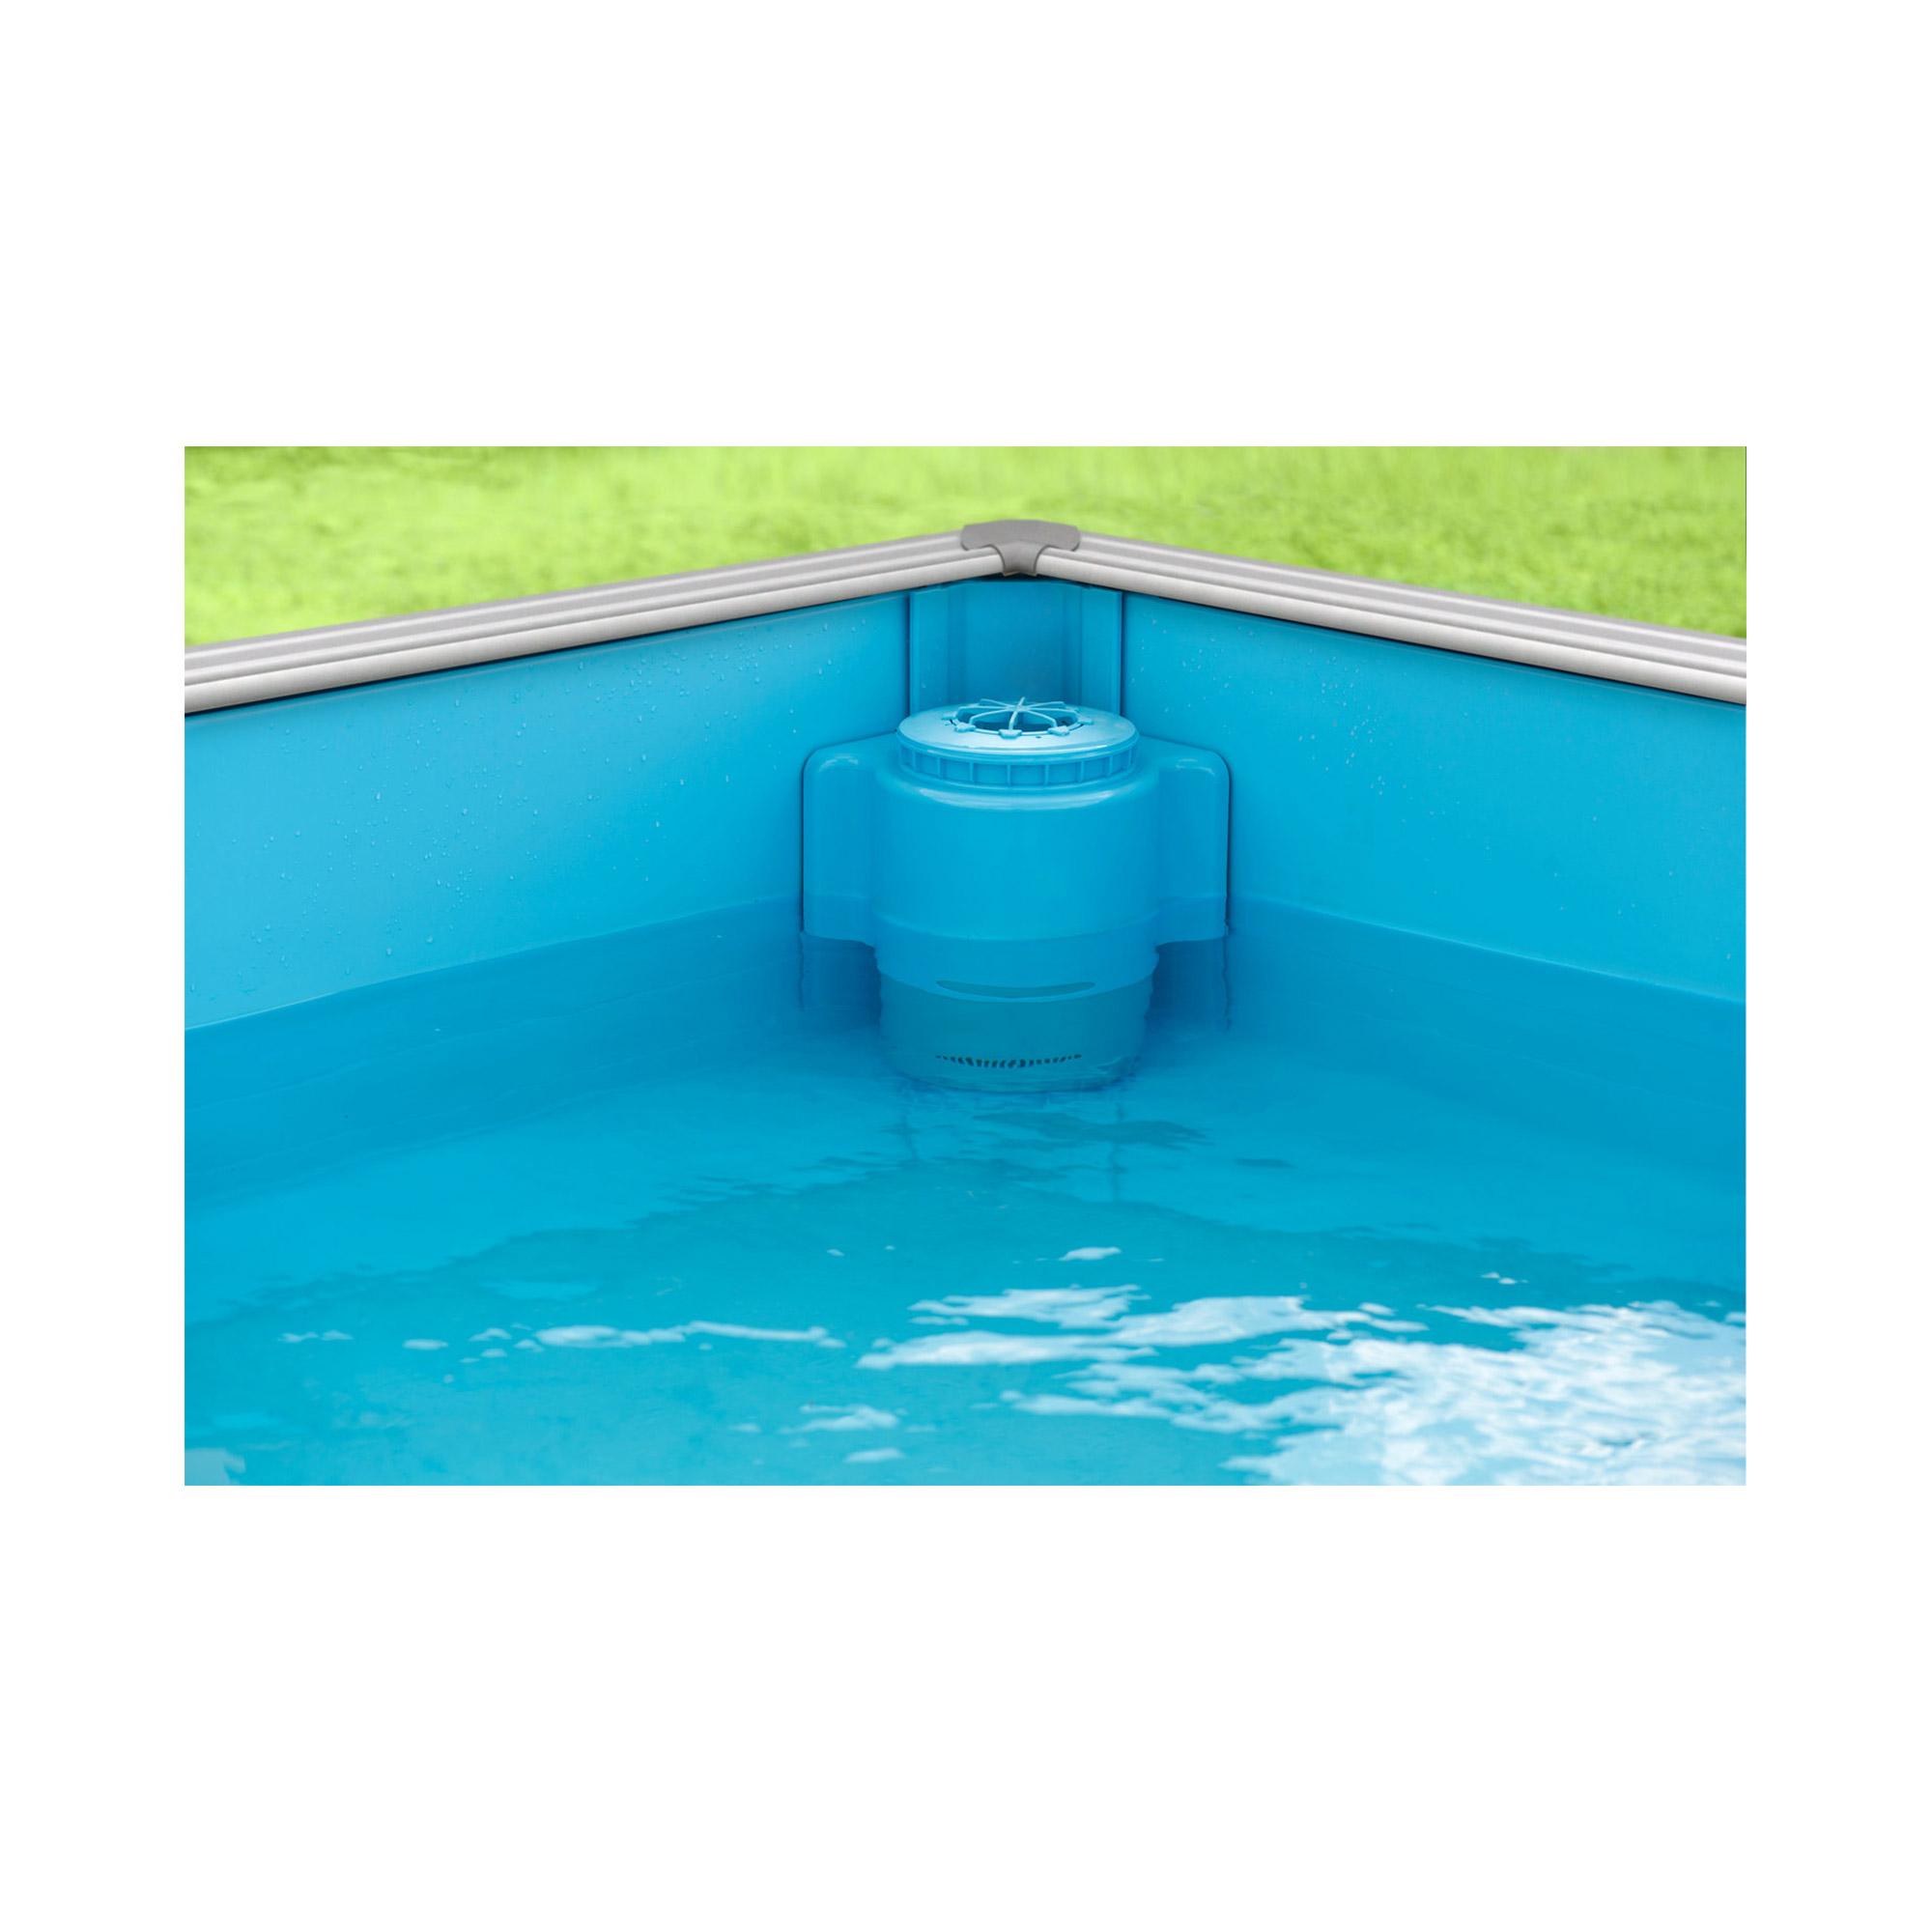 piscine bois carr e hors sol pistoche piscines d 39 artisans. Black Bedroom Furniture Sets. Home Design Ideas